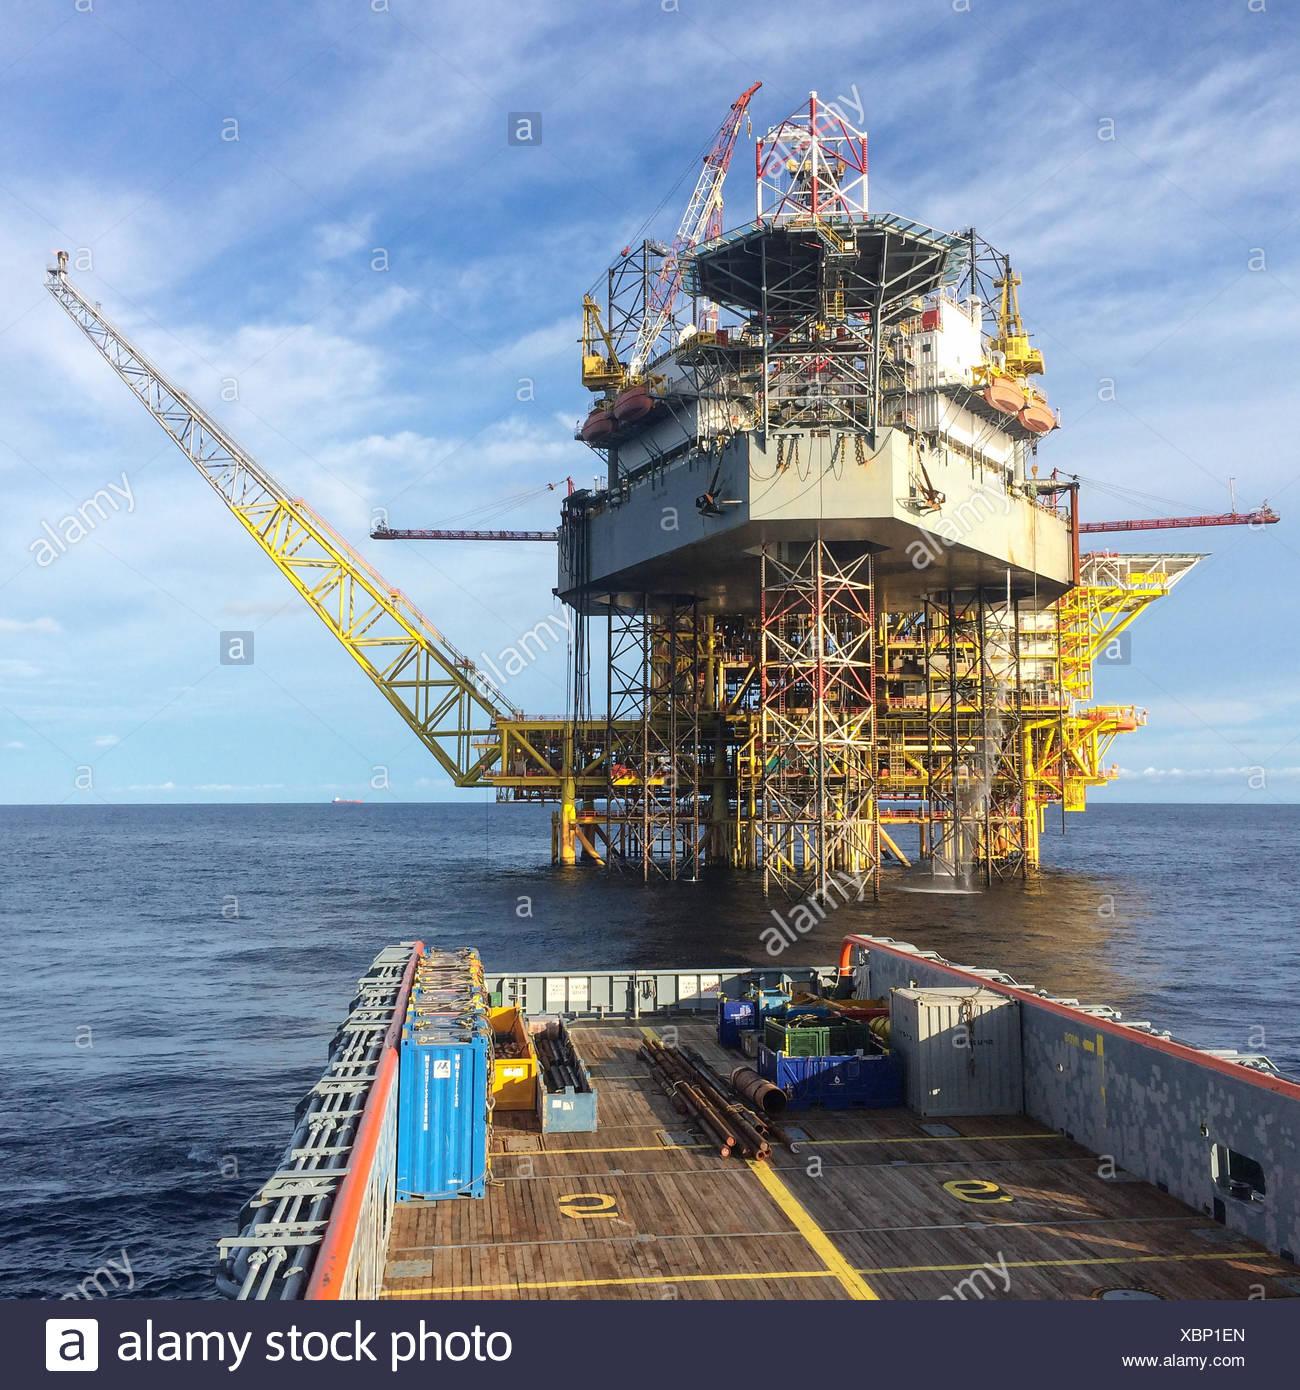 Seeschiff nähert sich einer Ölplattform Stockfoto